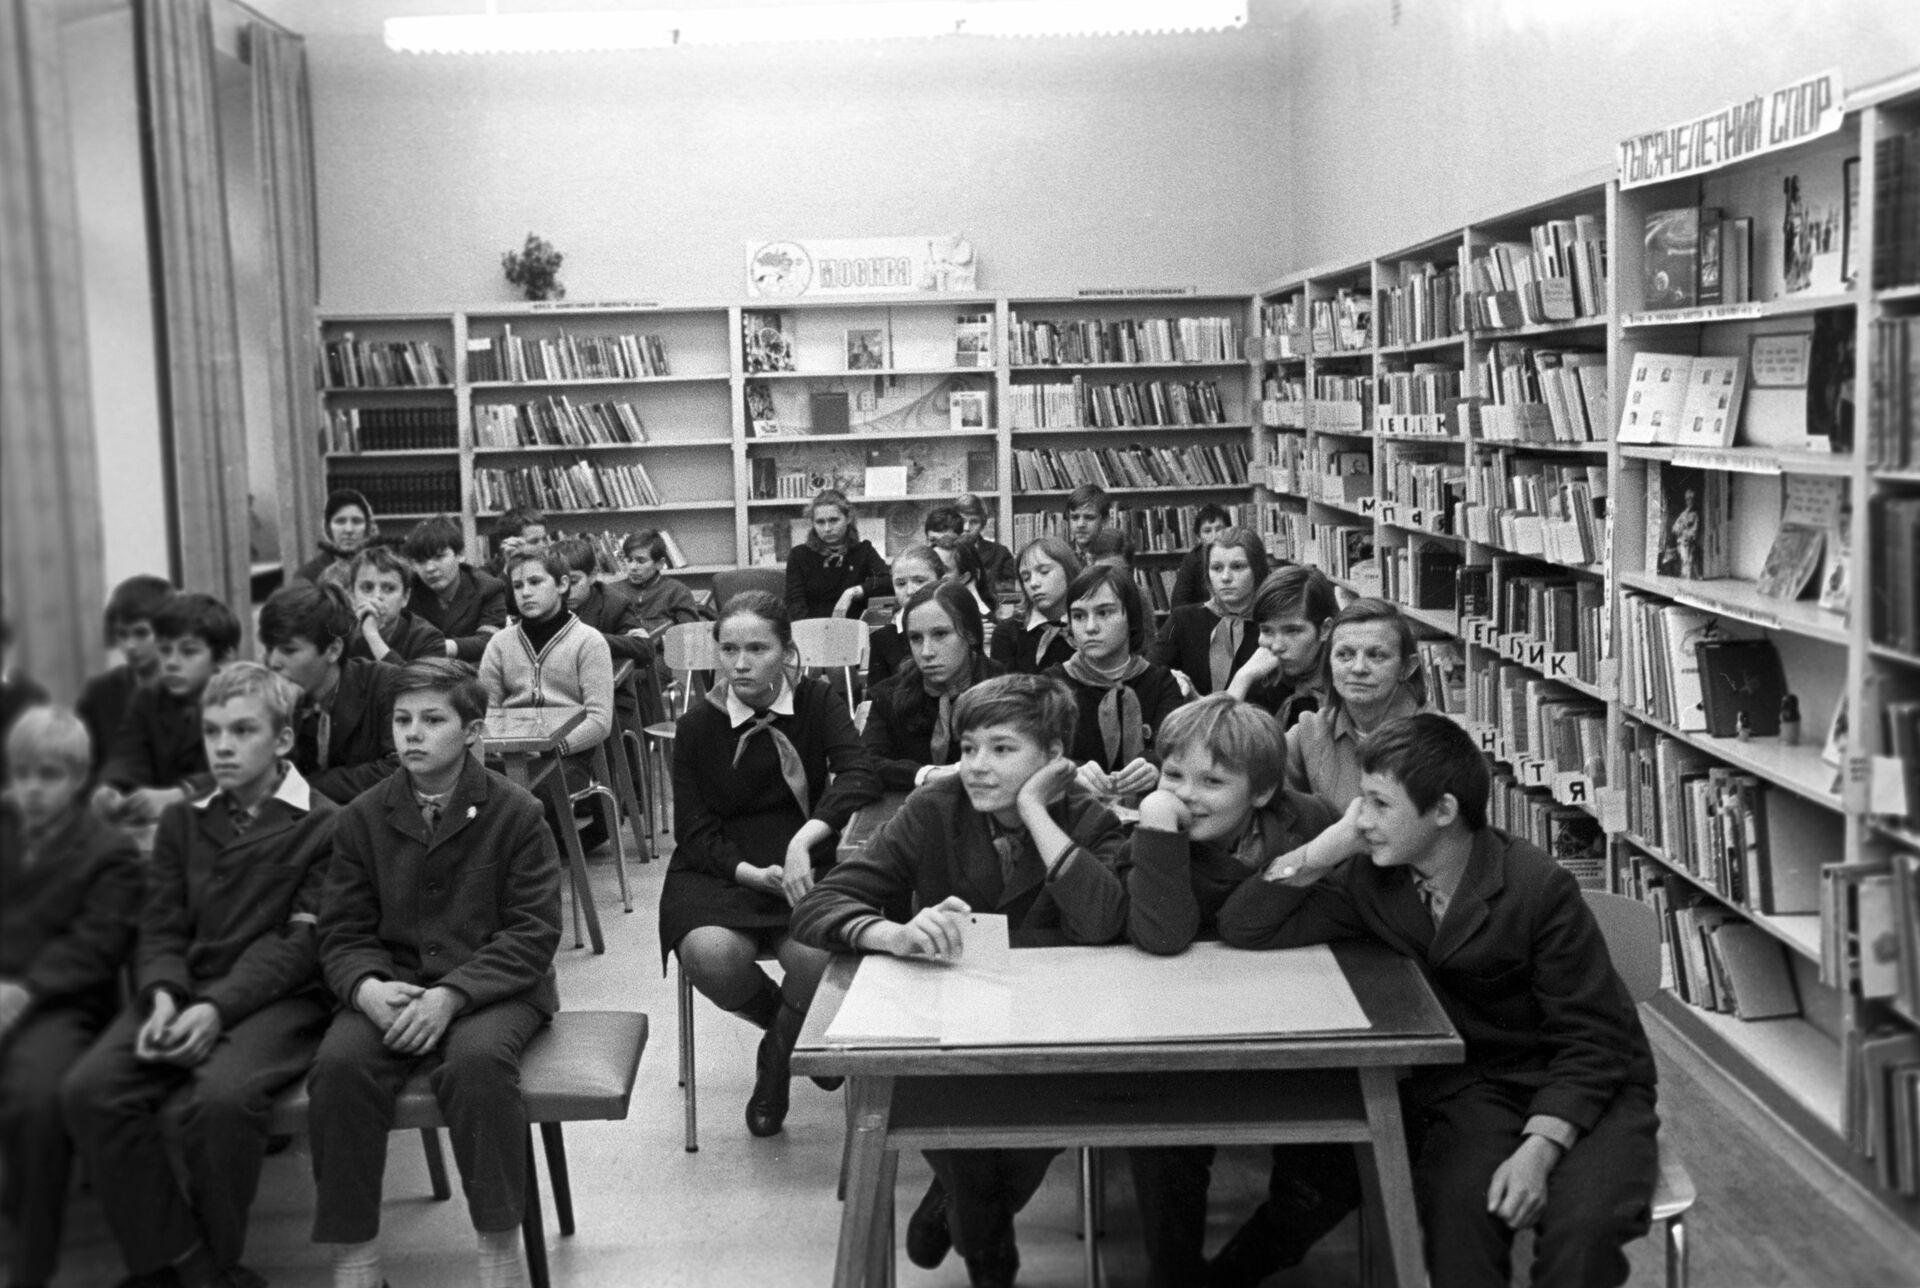 Центральная городская библиотека имени Н.А. Некрасова, 1974 год - РИА Новости, 1920, 18.02.2021